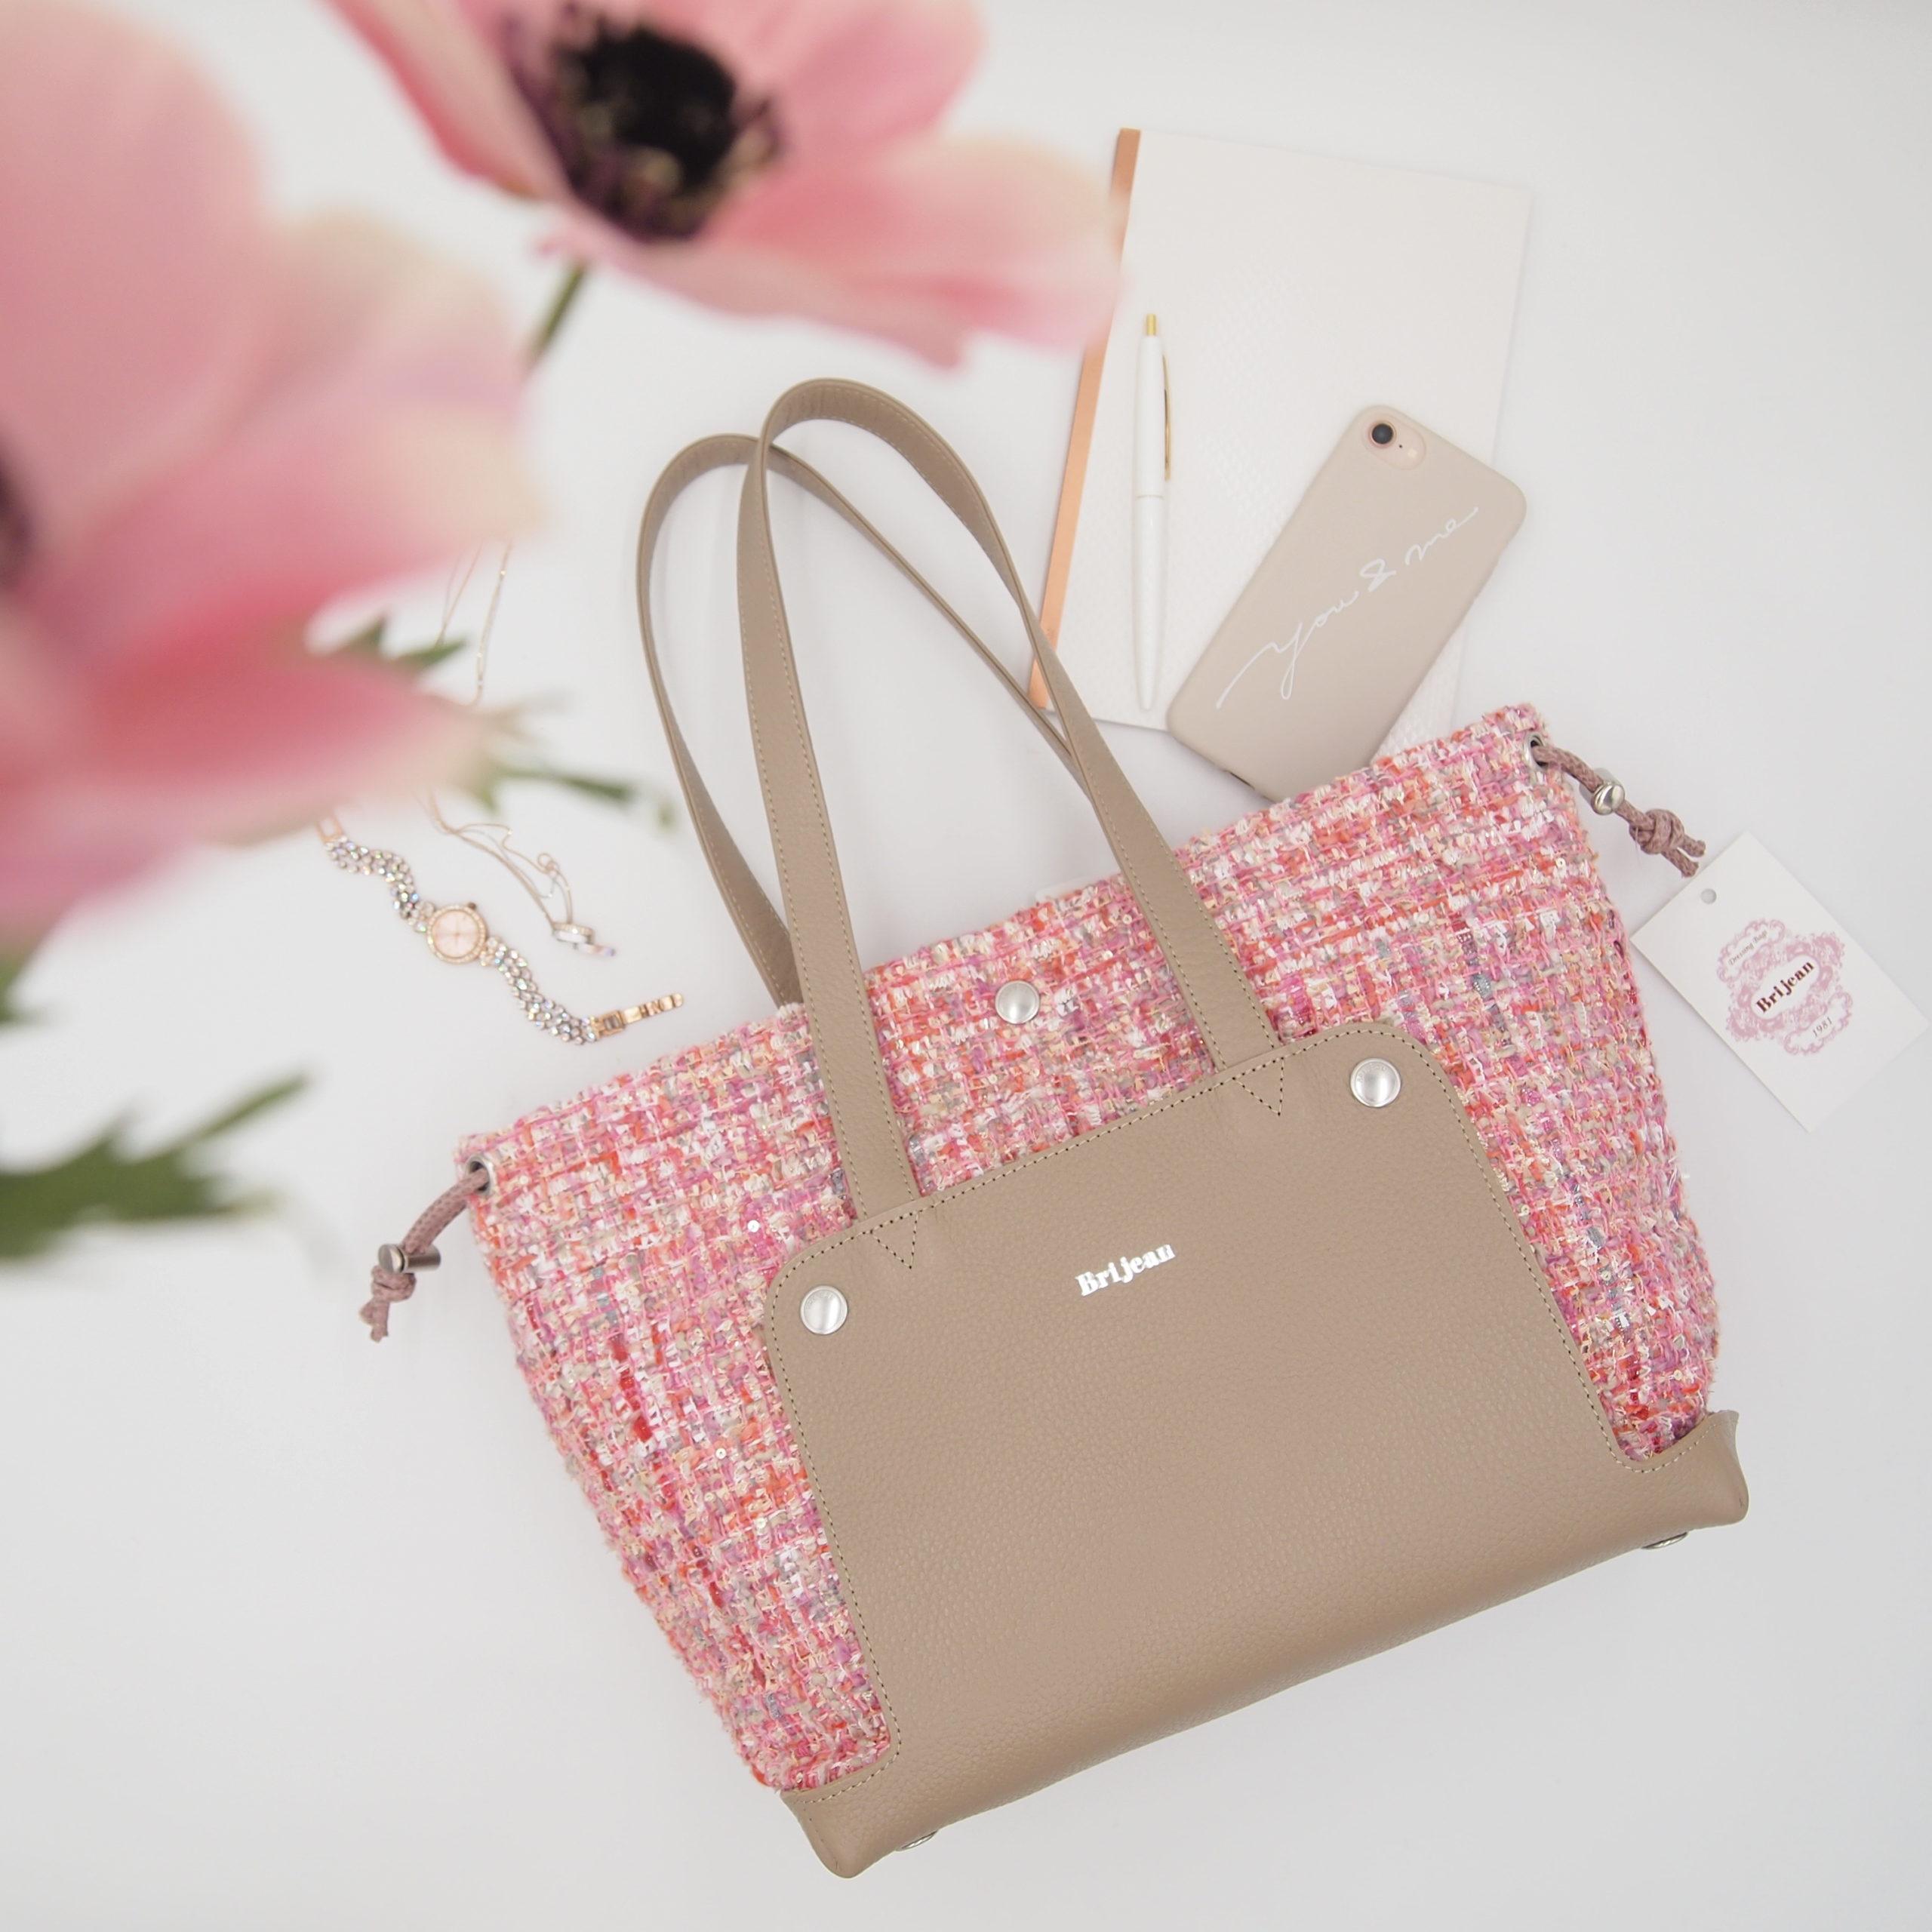 ピンクのツイード生地を使ったトートバッグ型着せ替えバッグ